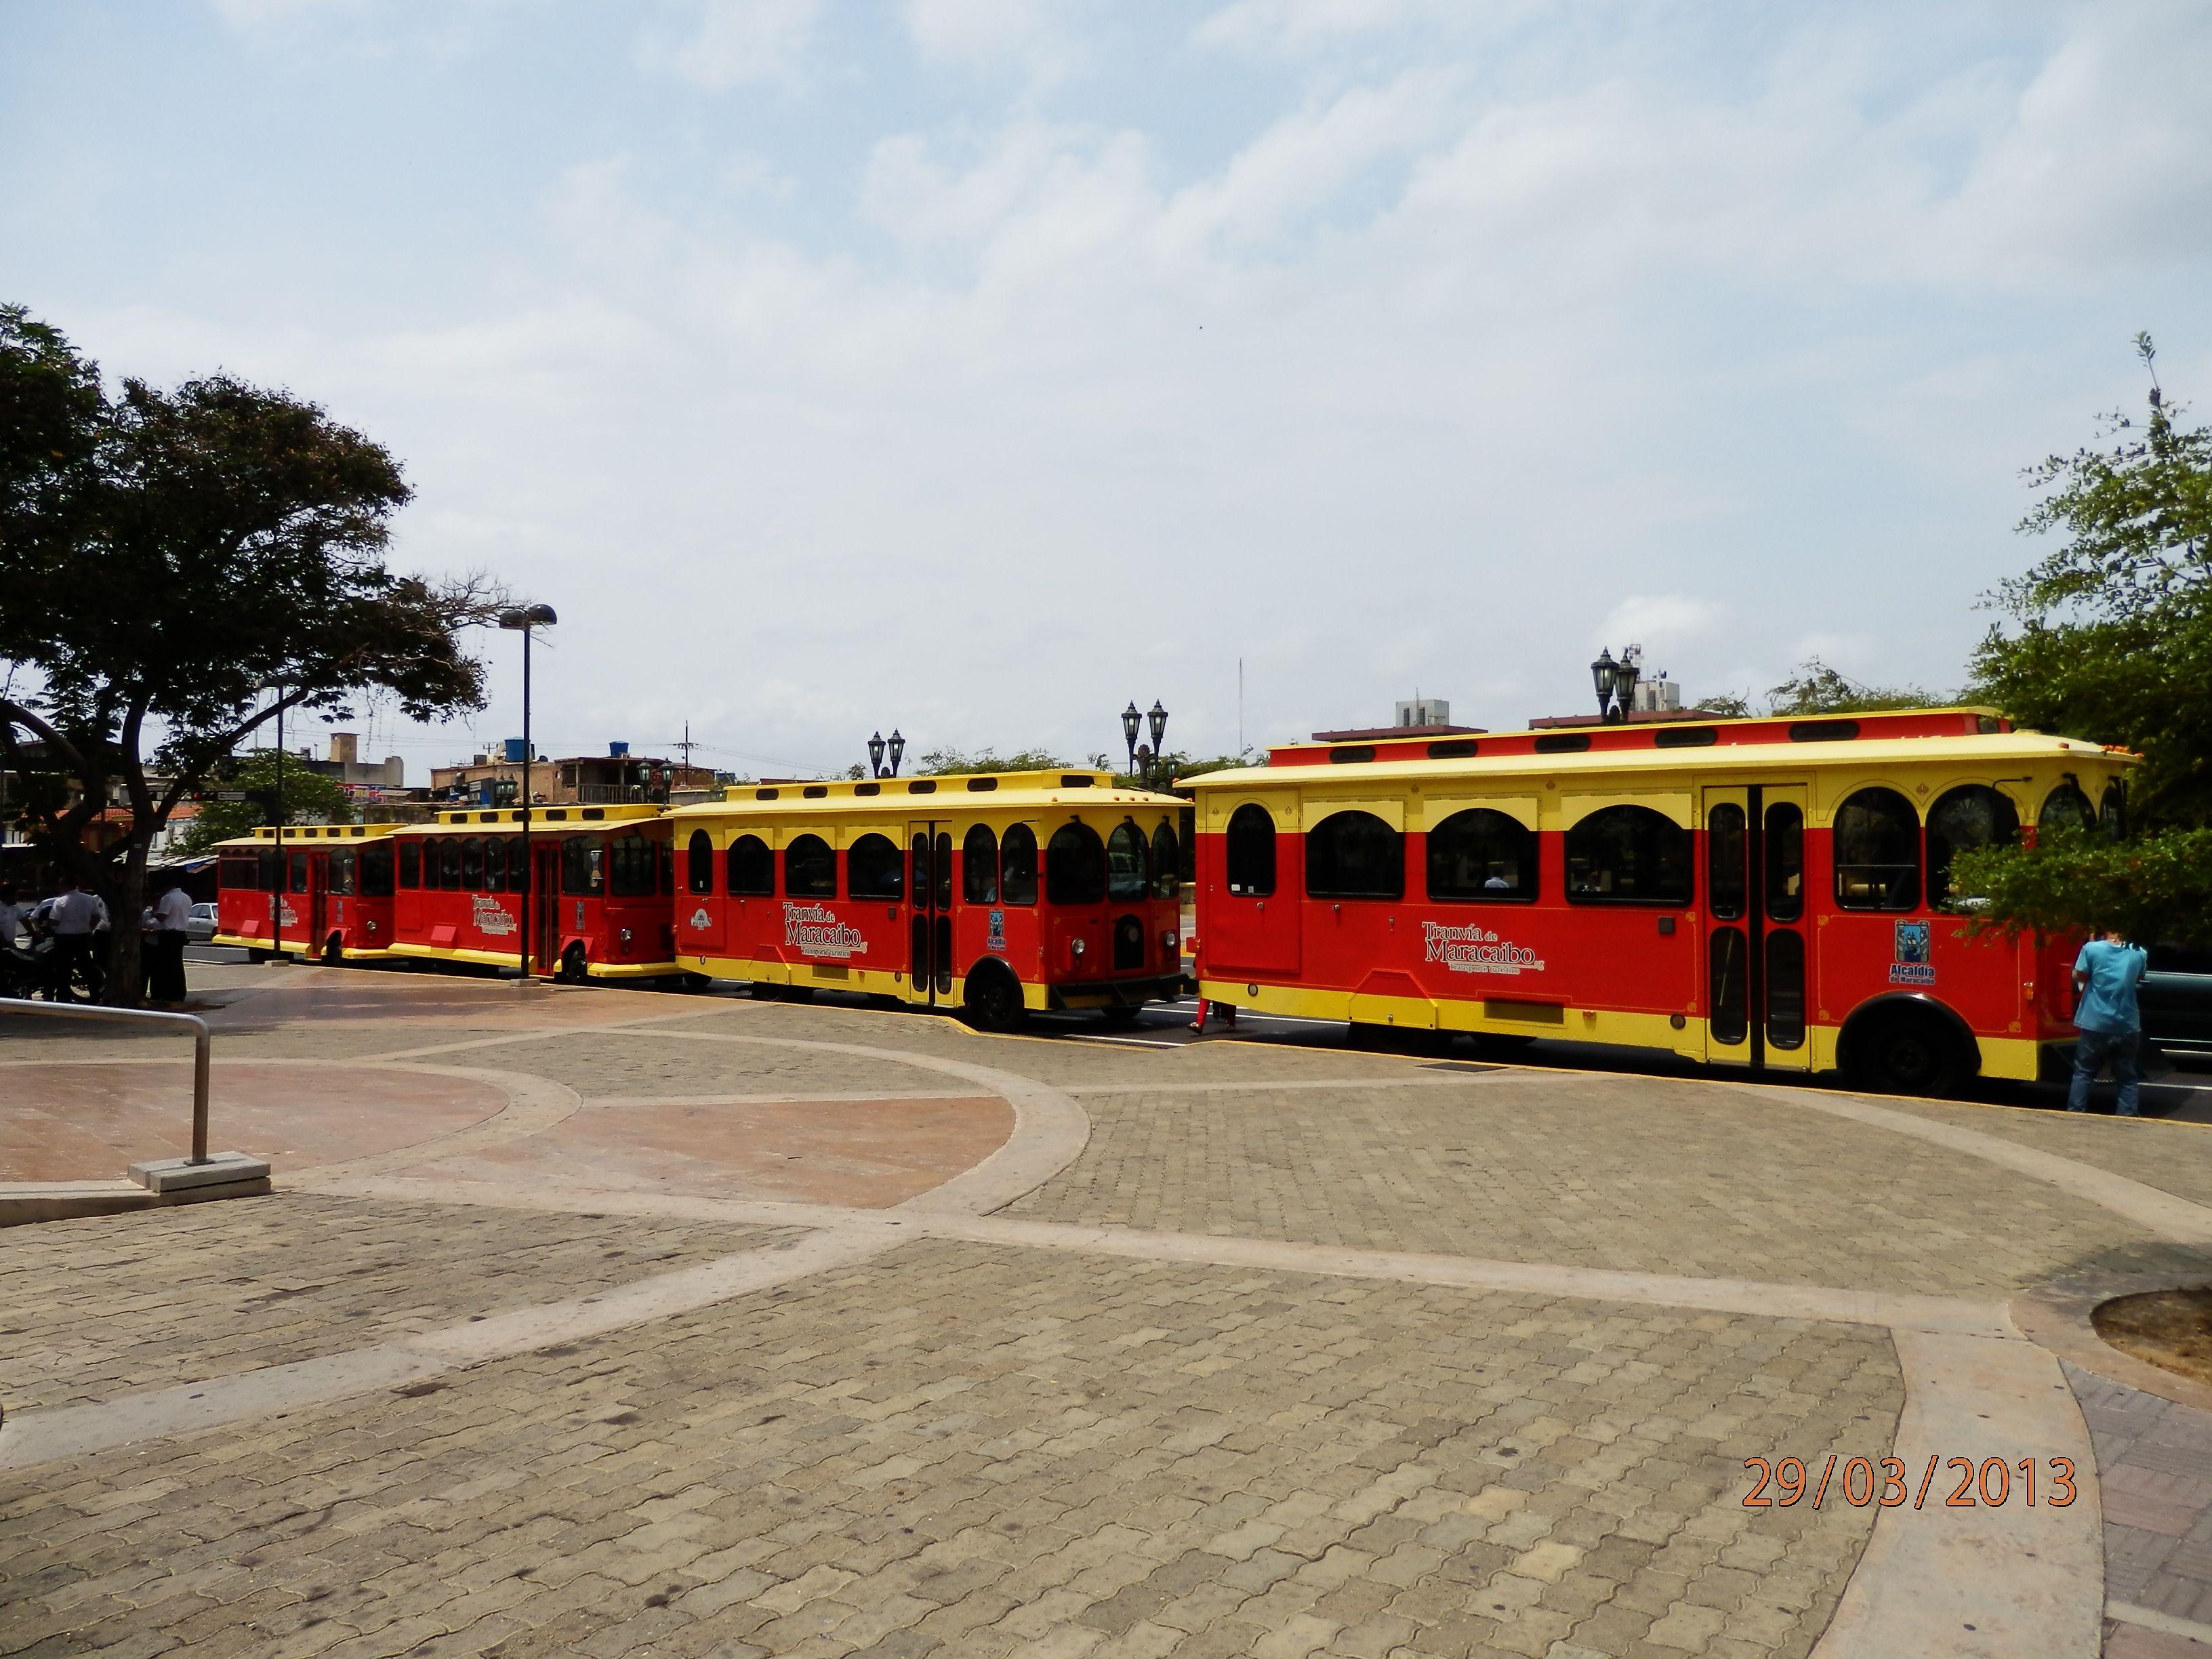 Tranvias de Maracaibo - Visita a los 7 templos